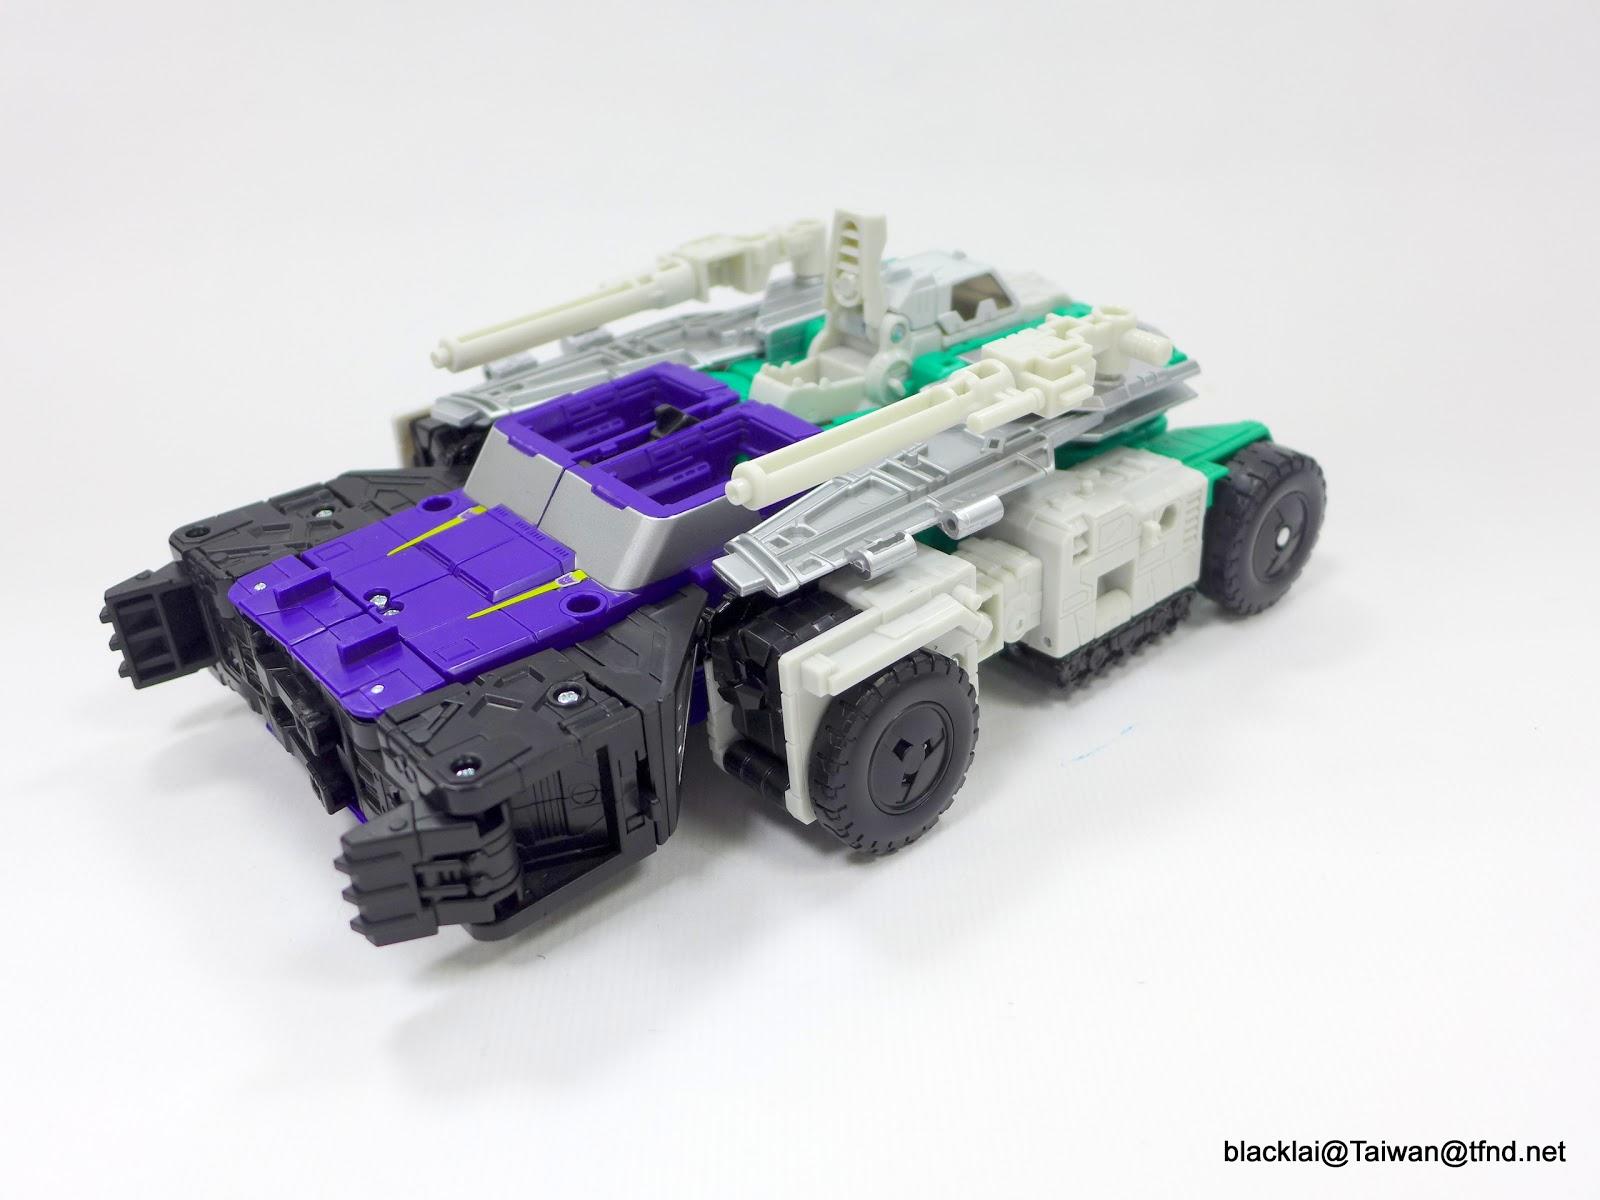 Jouets Transformers Generations: Nouveautés Hasbro - partie 2 - Page 40 P1510004